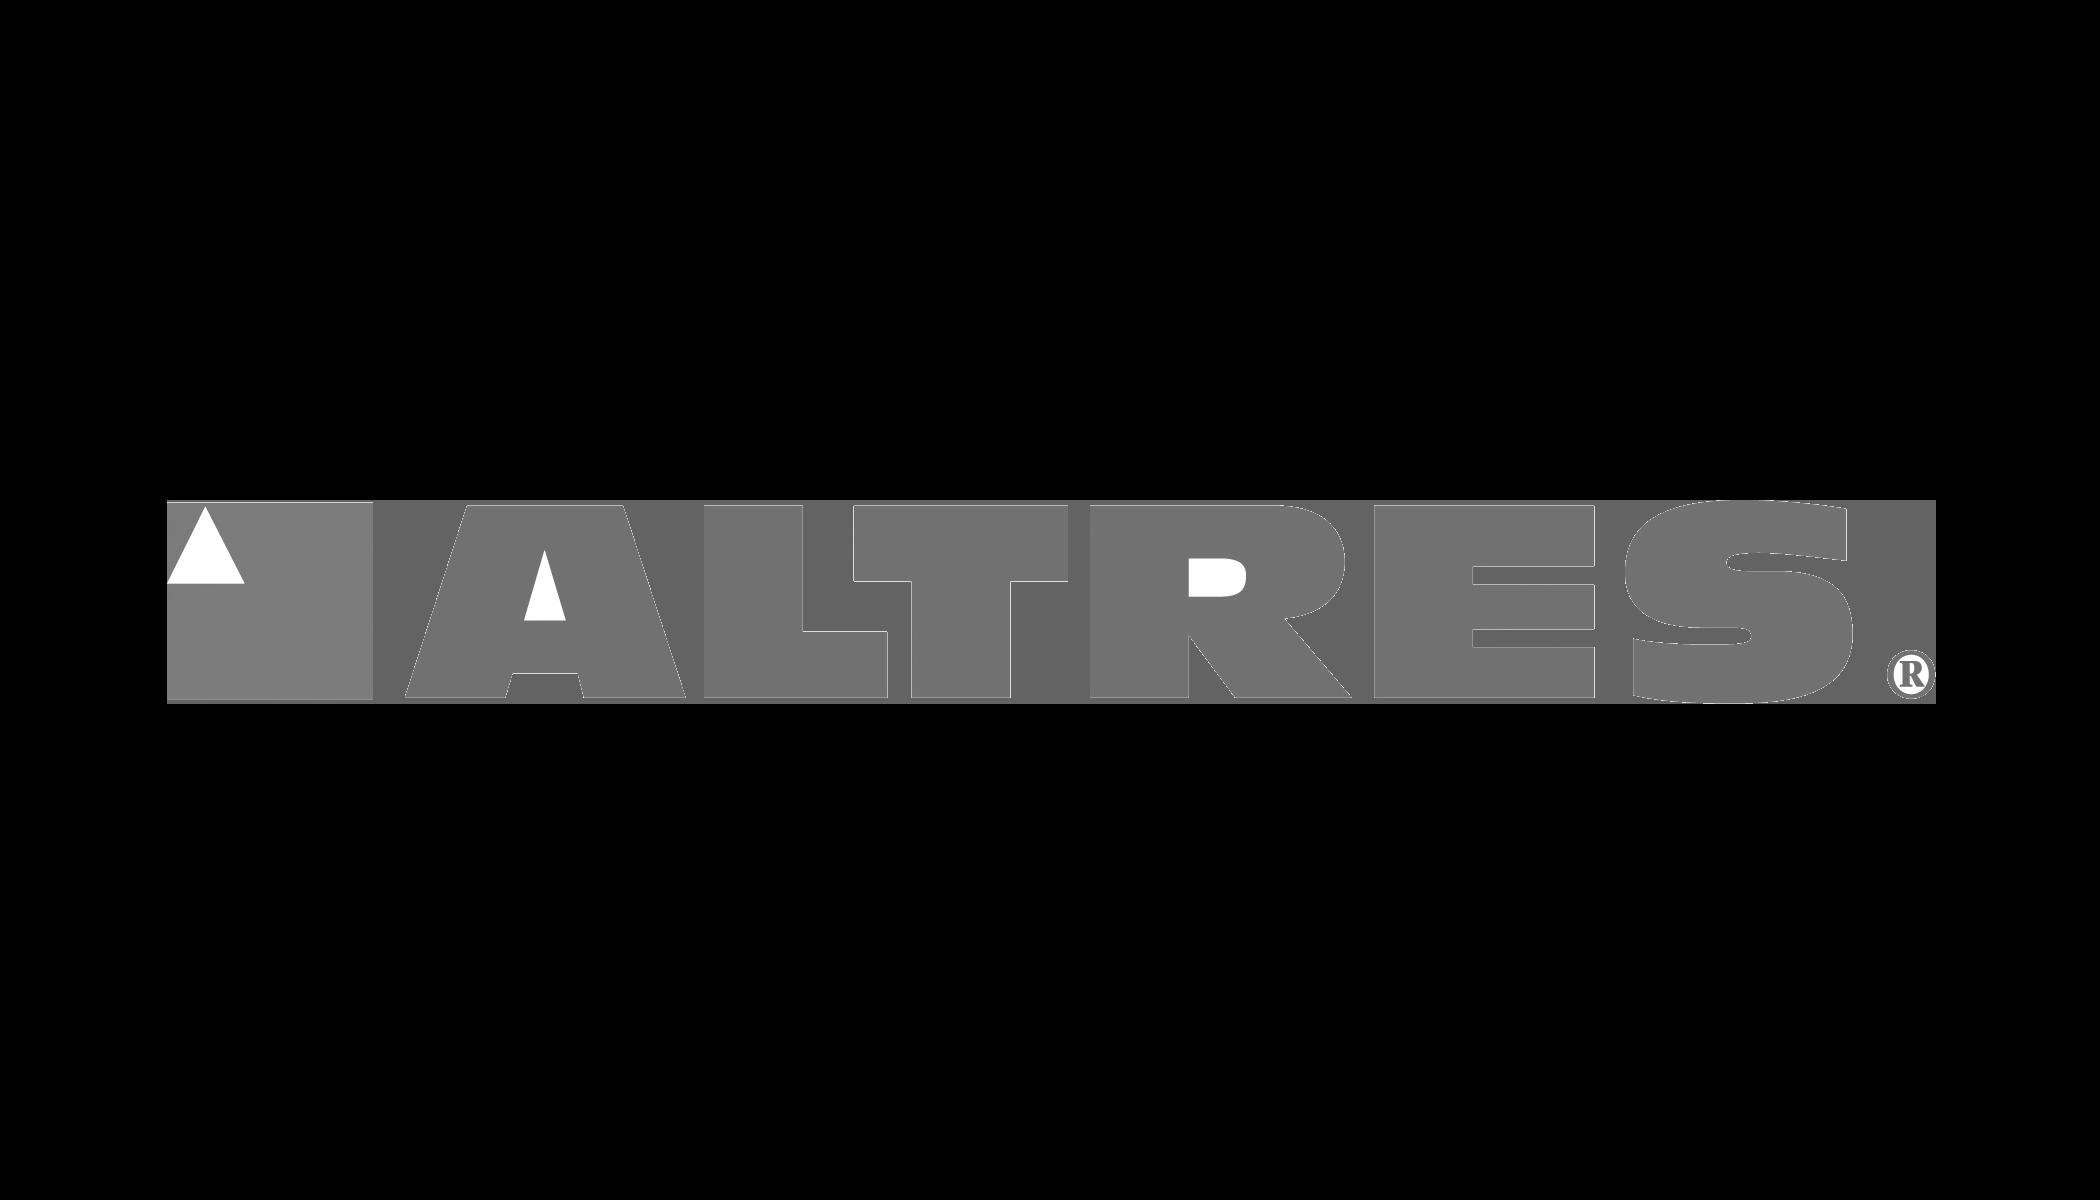 ALTRES-Logo-300dpi.png